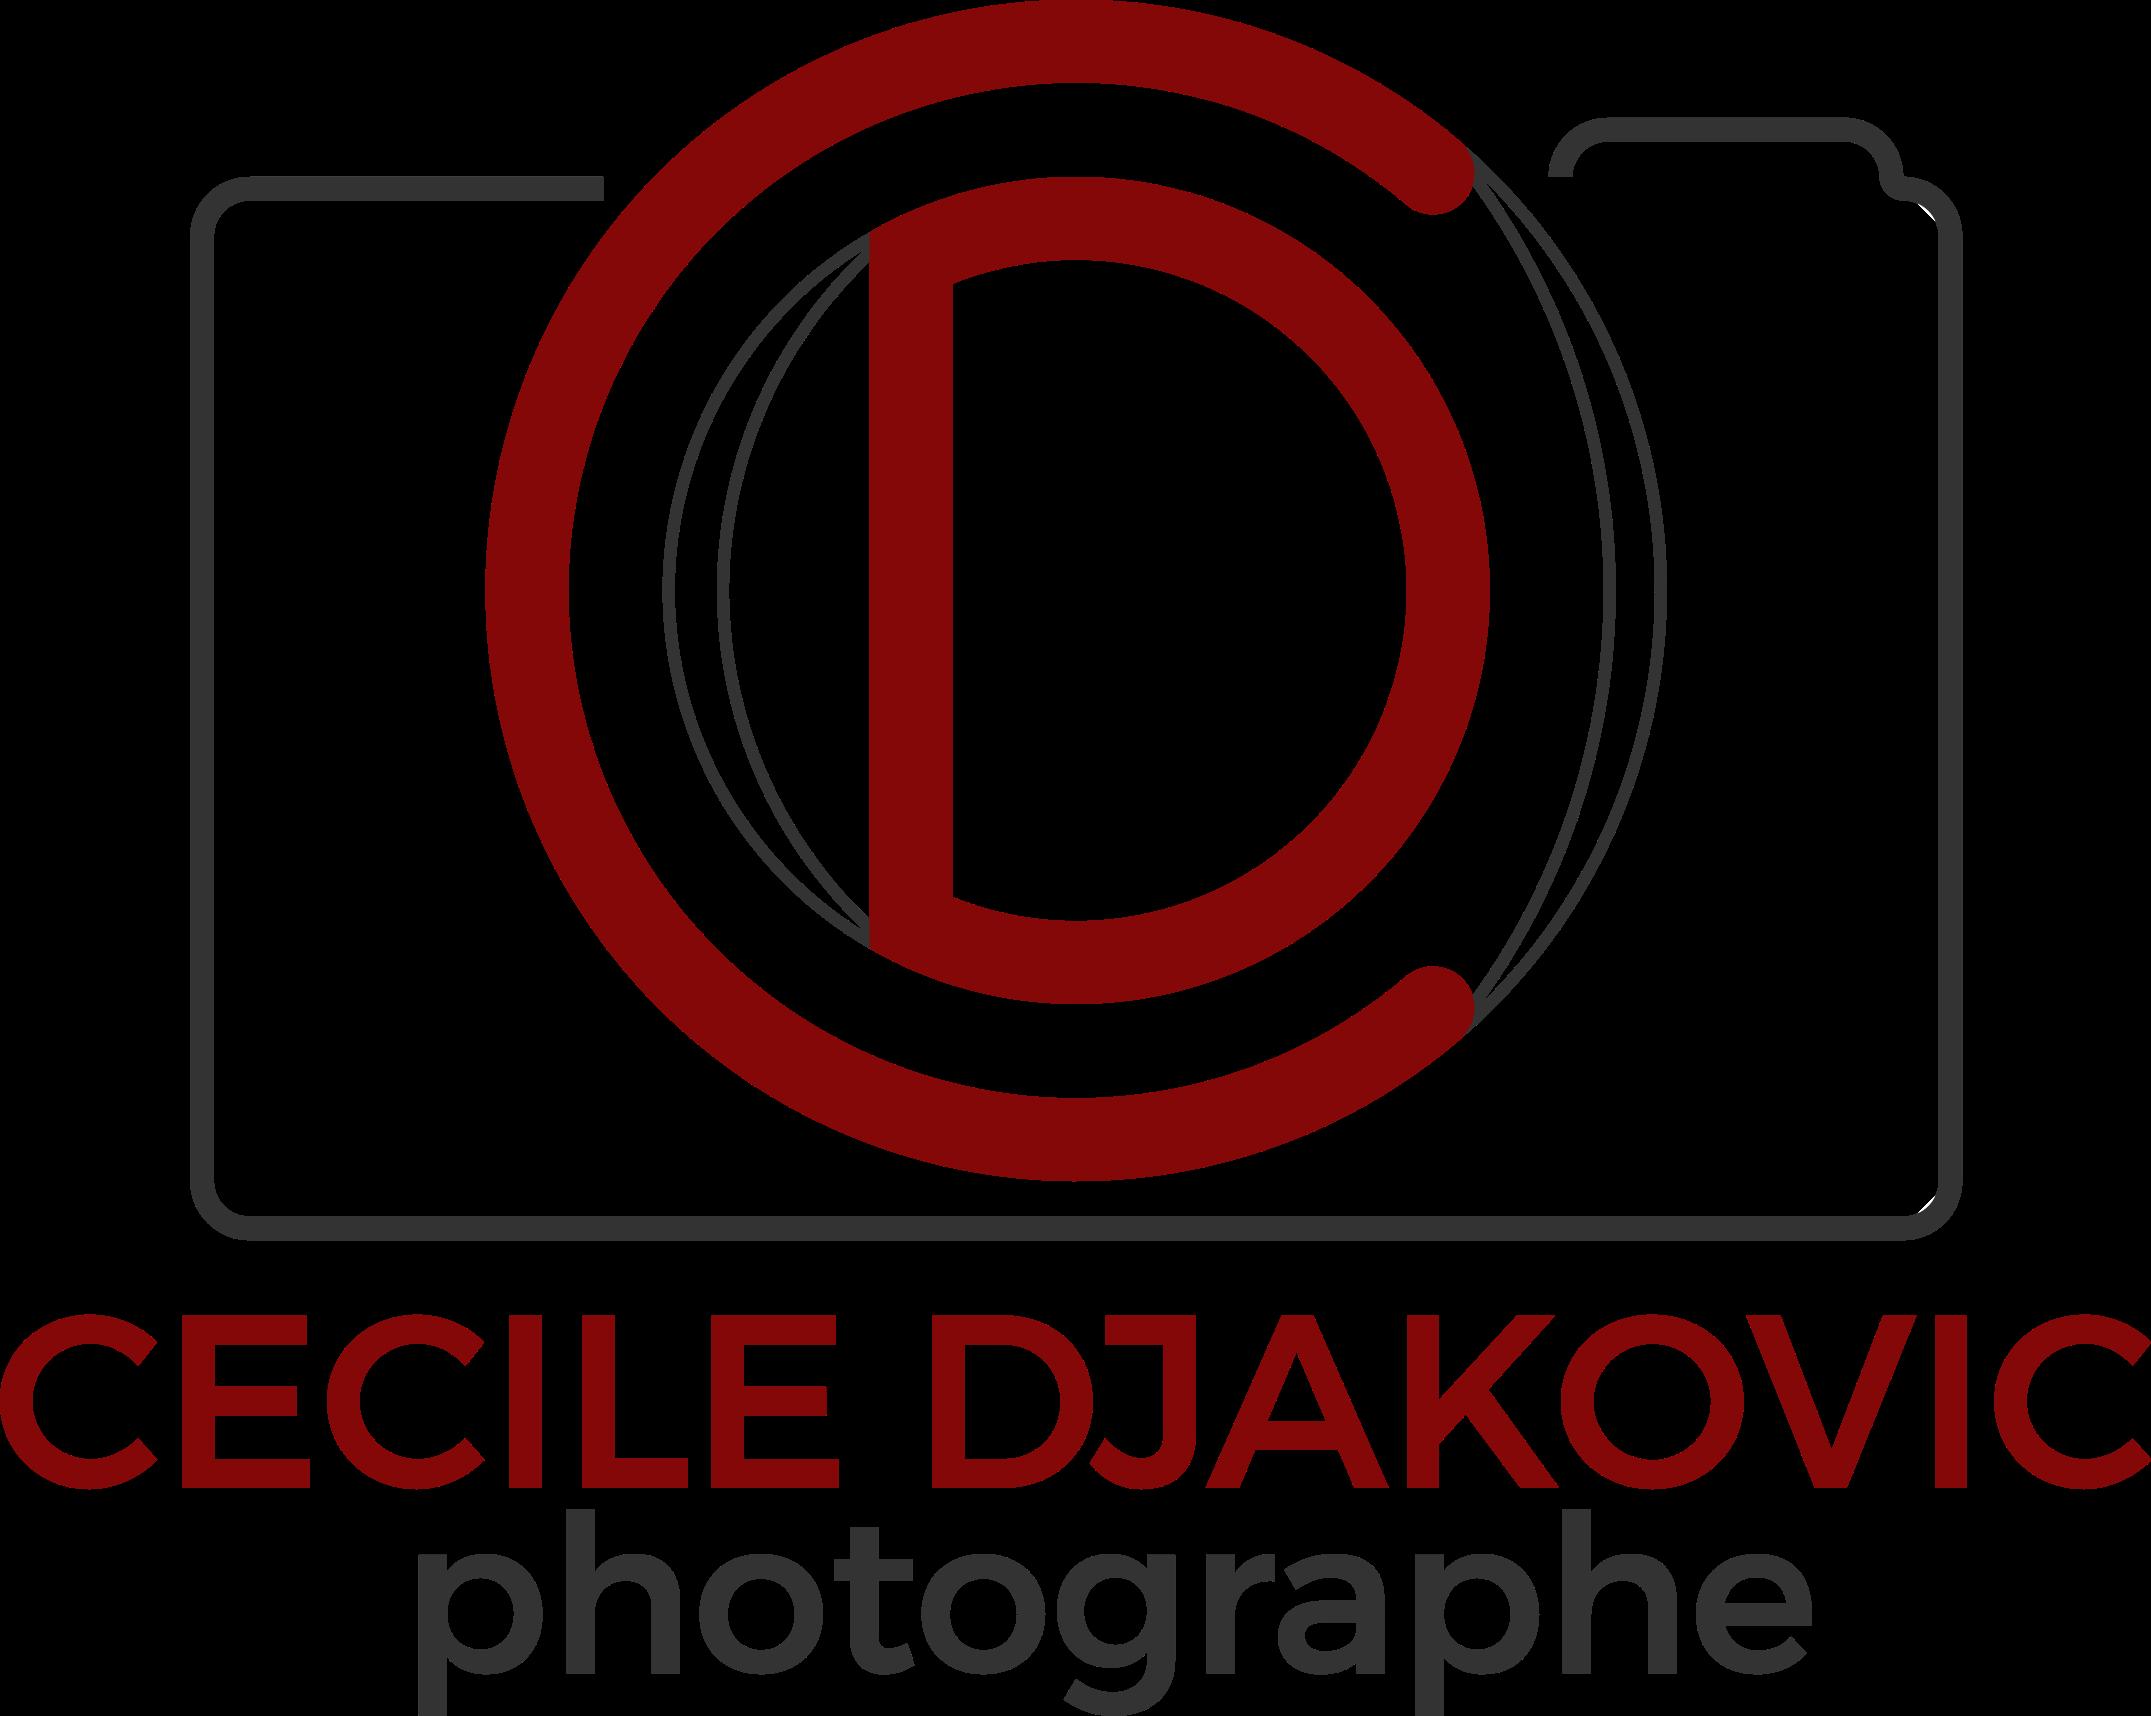 Cécile DJAKOVIC